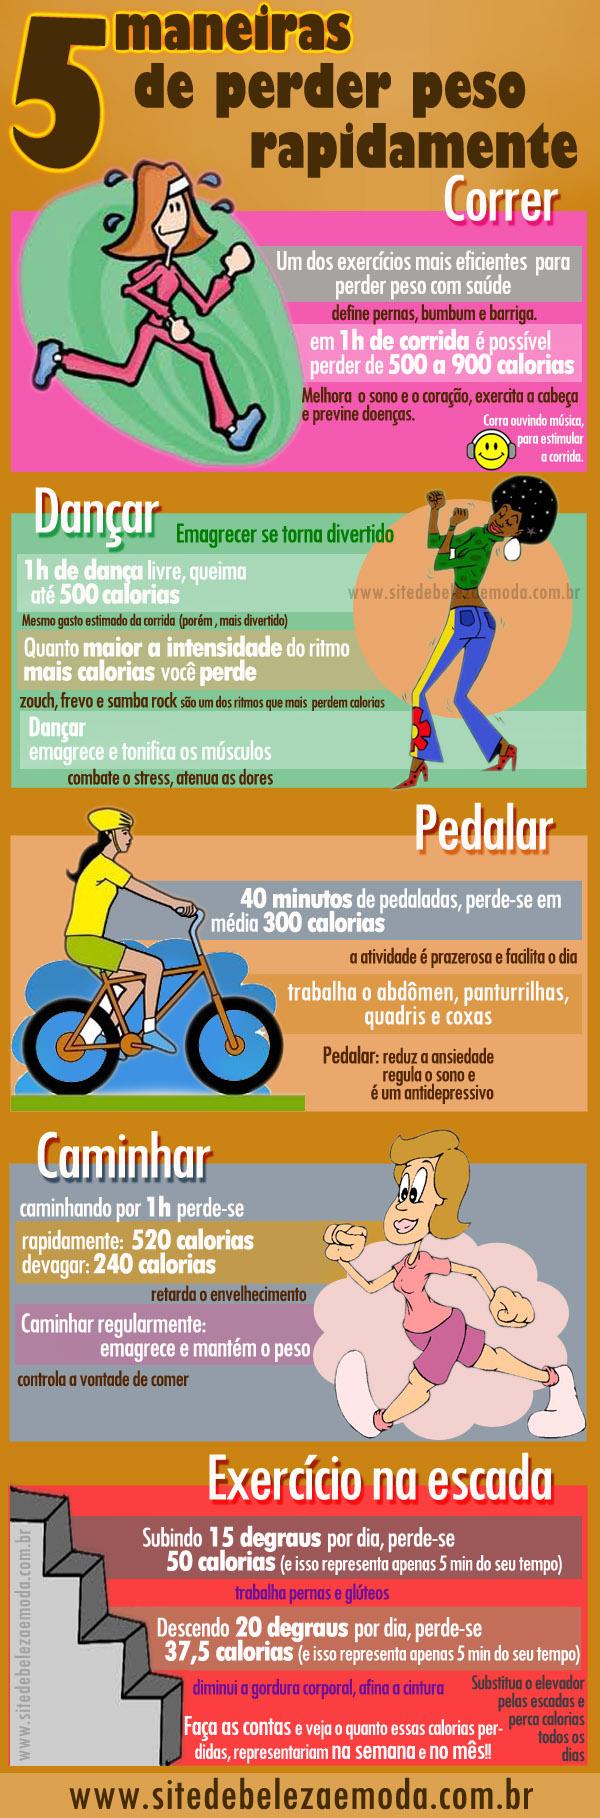 infografico 5 maneiras de perder peso